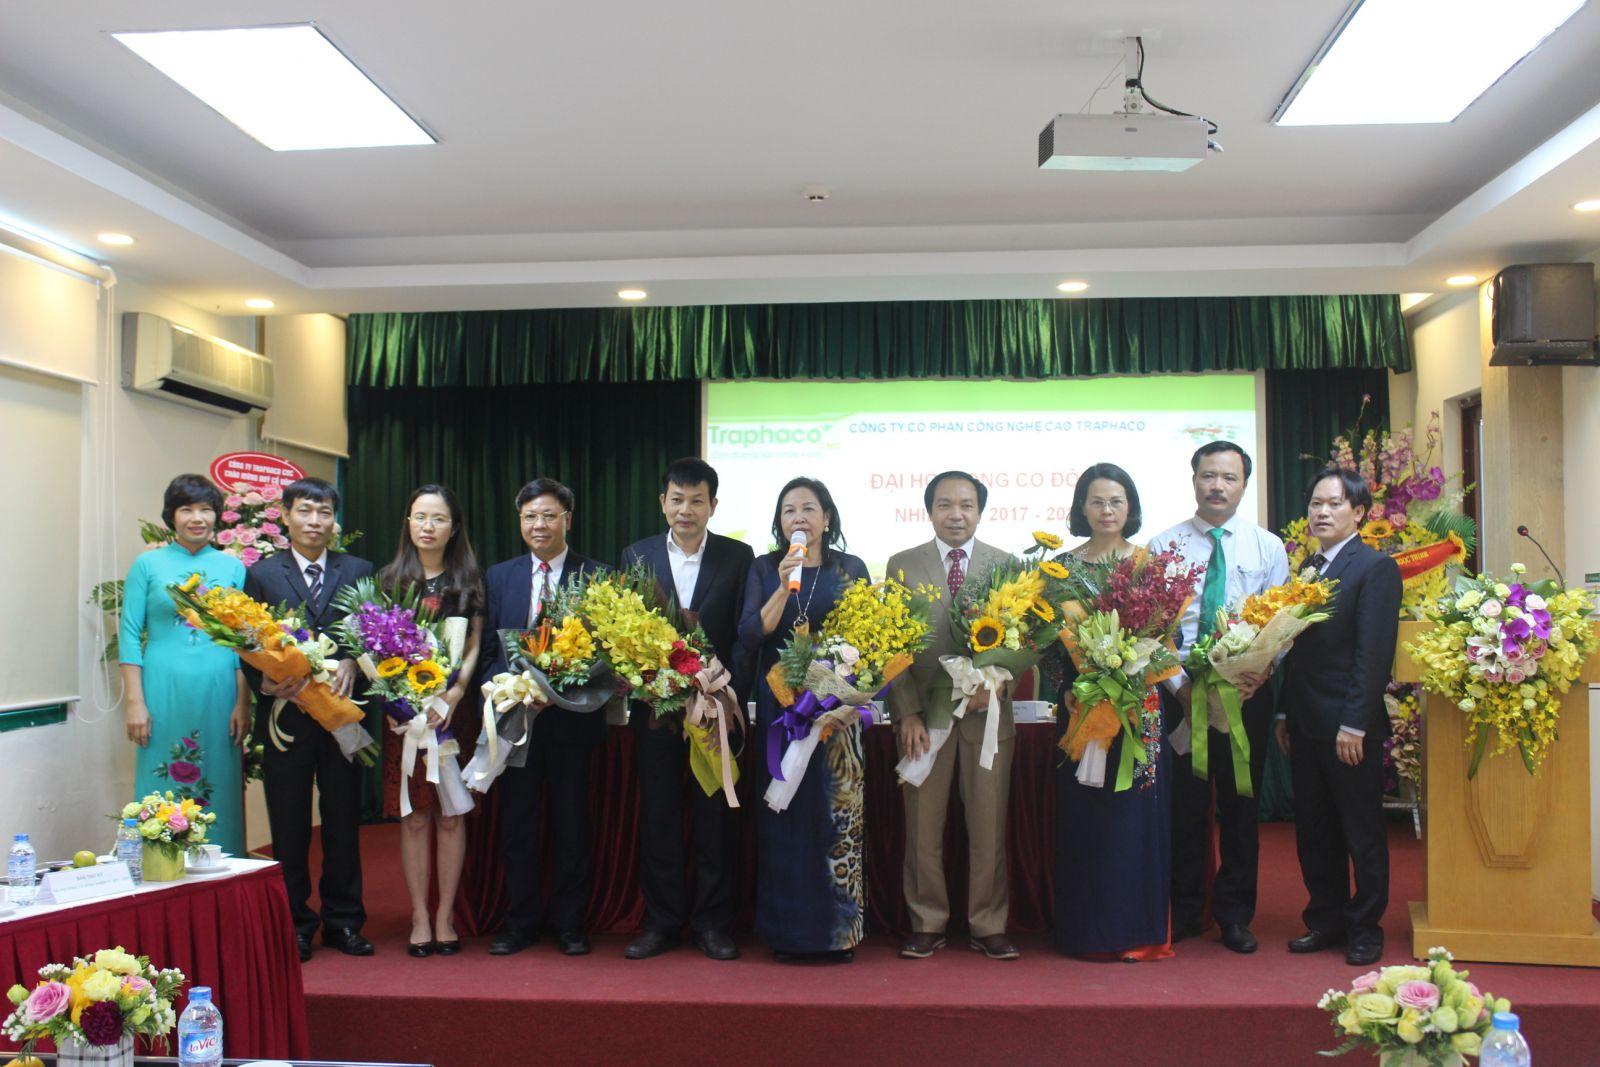 Ban giám đốc tặng hoa chúc mừng Hội đồng quản trị, Ban kiểm soát nhiệm kỳ 2017 - 2021